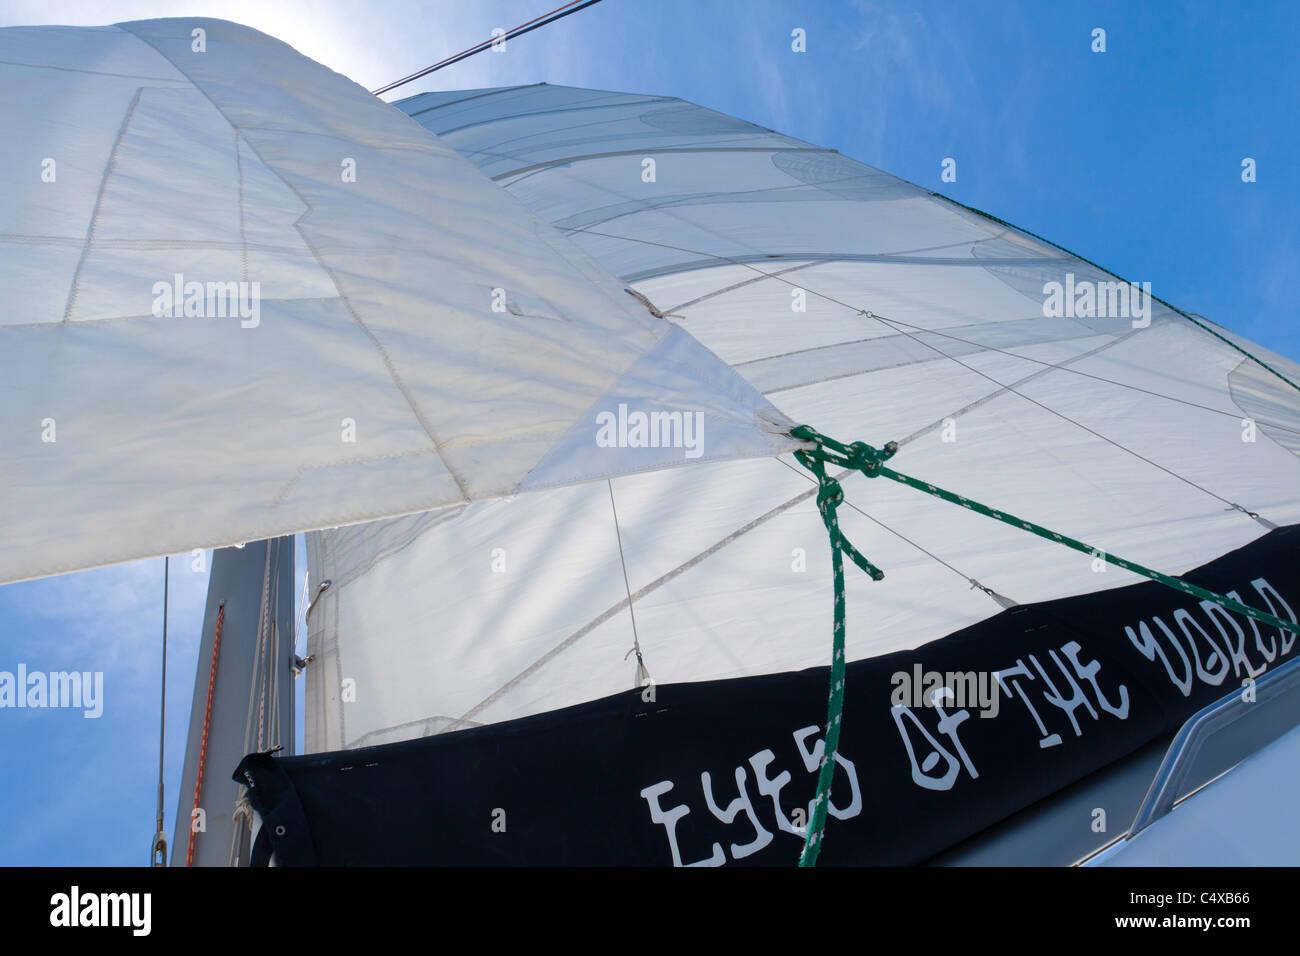 Looking up at sheets of the mainsail and genoa of a sailboat while out sailing - Stock Image